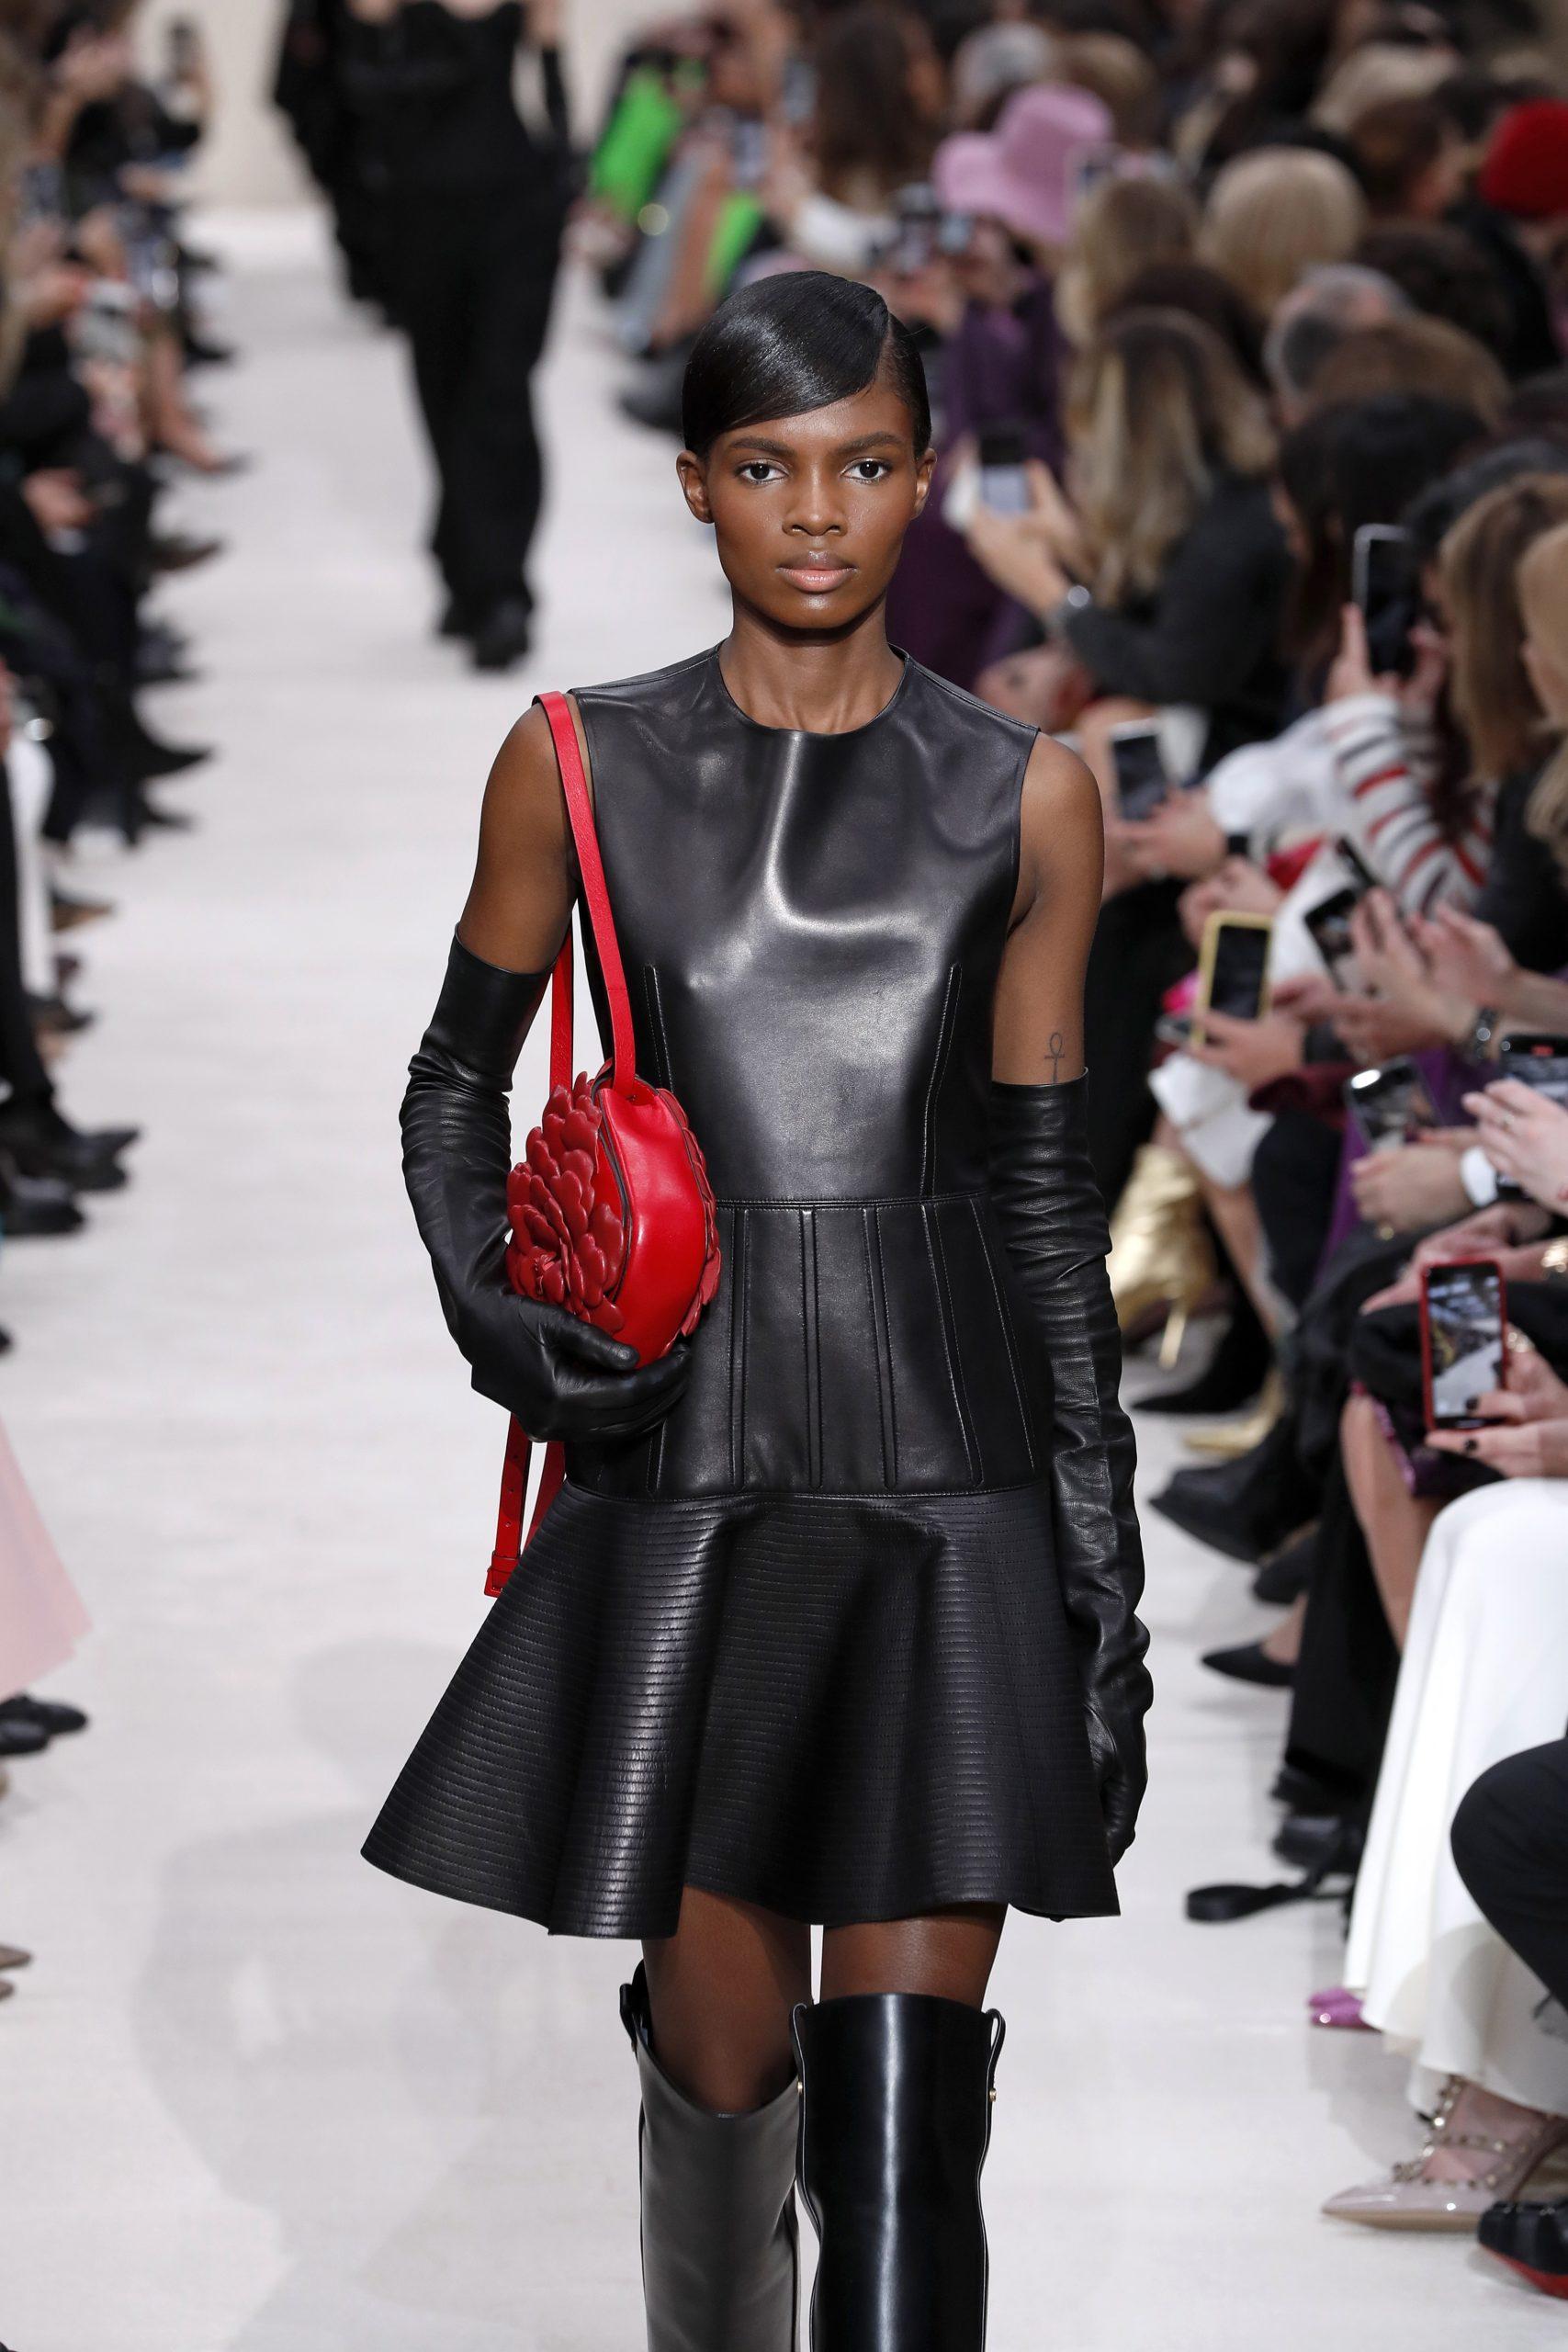 платье кожаное черное мини что надеть на новый год 2021